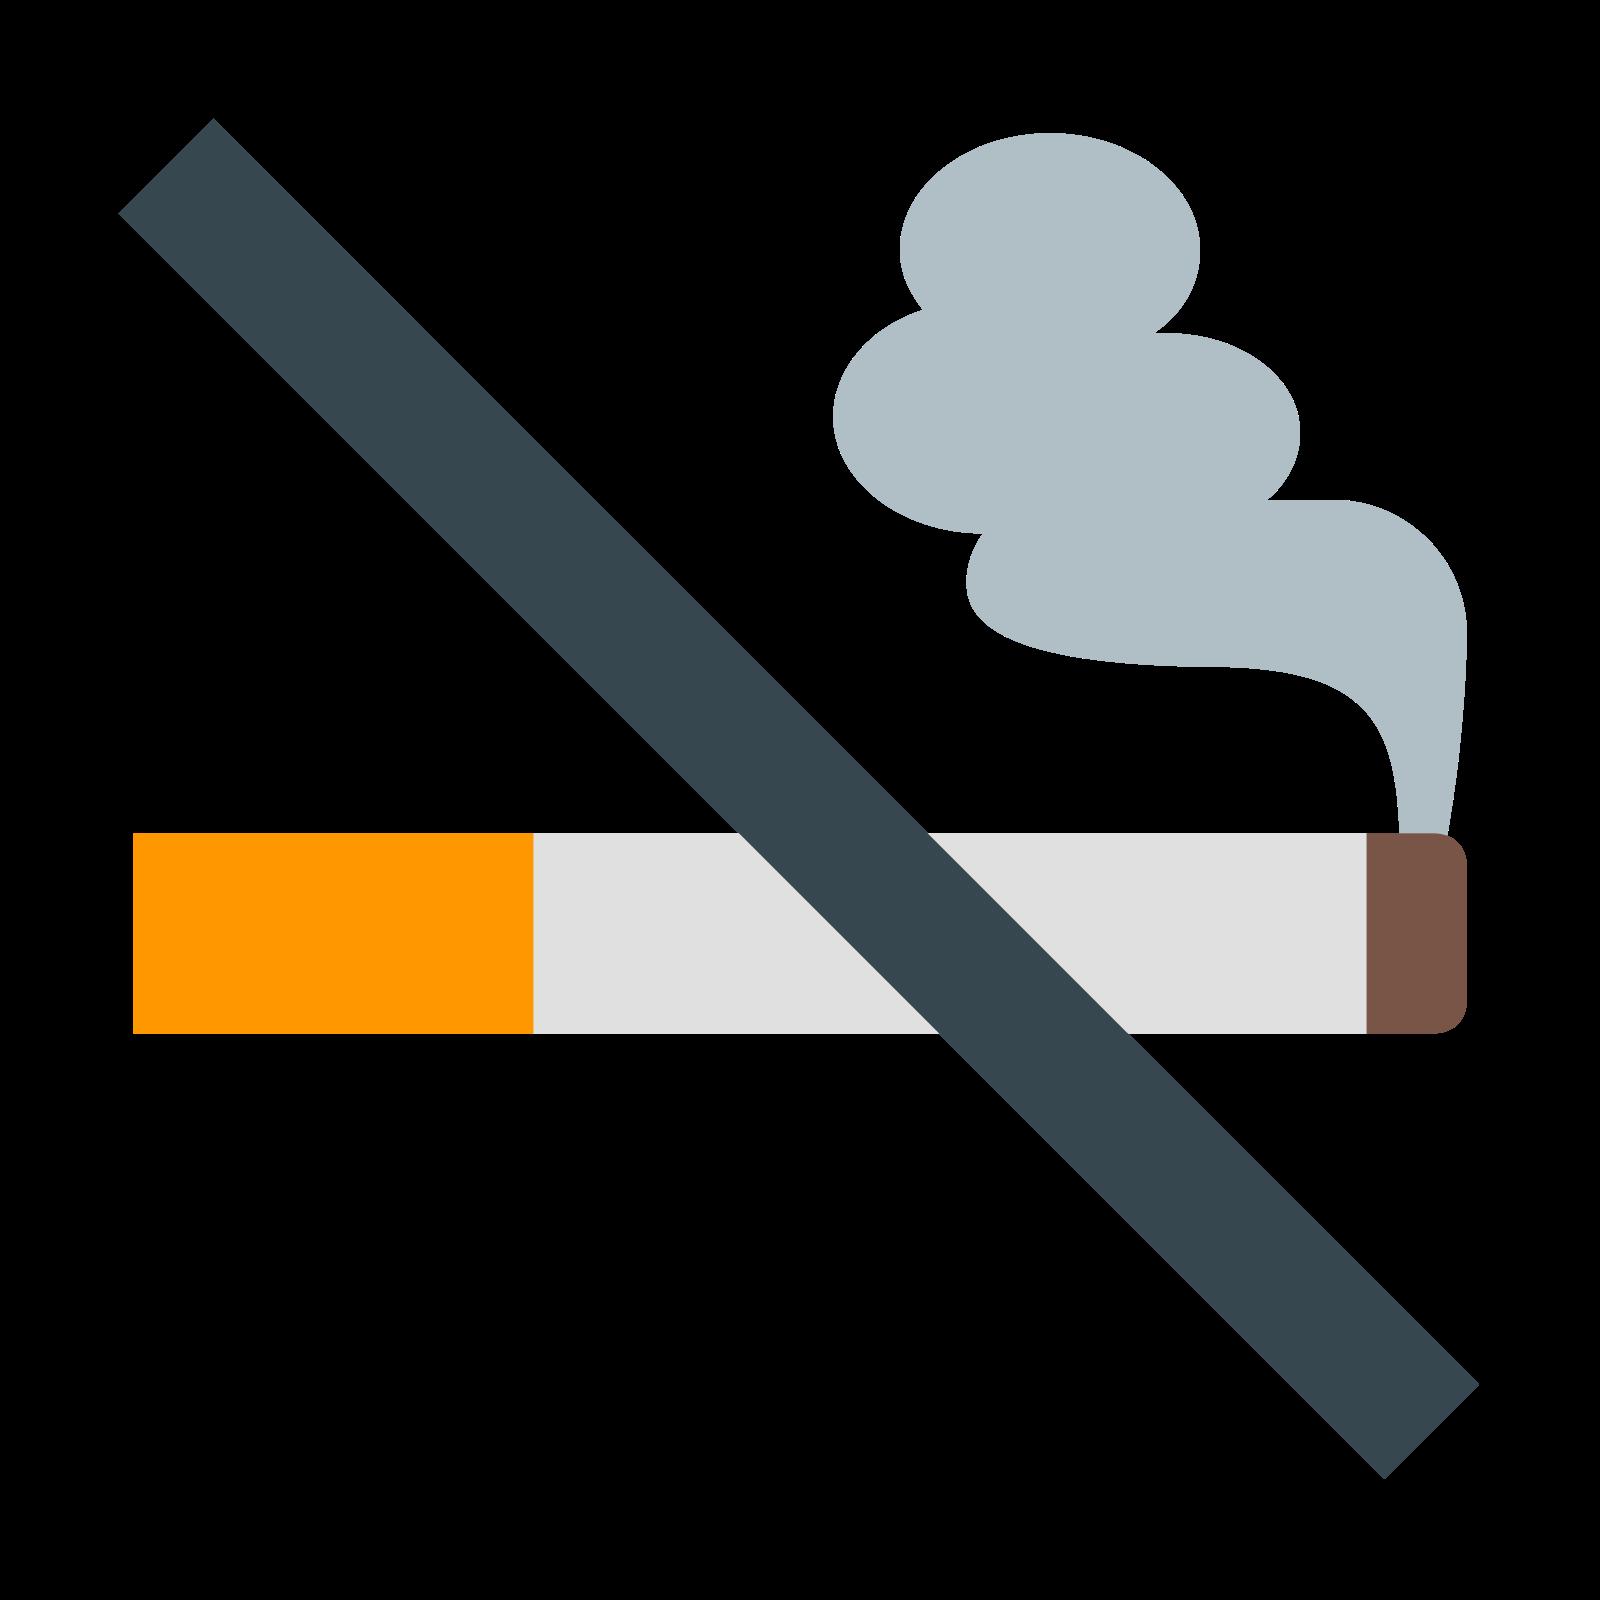 Курение запрещено icon